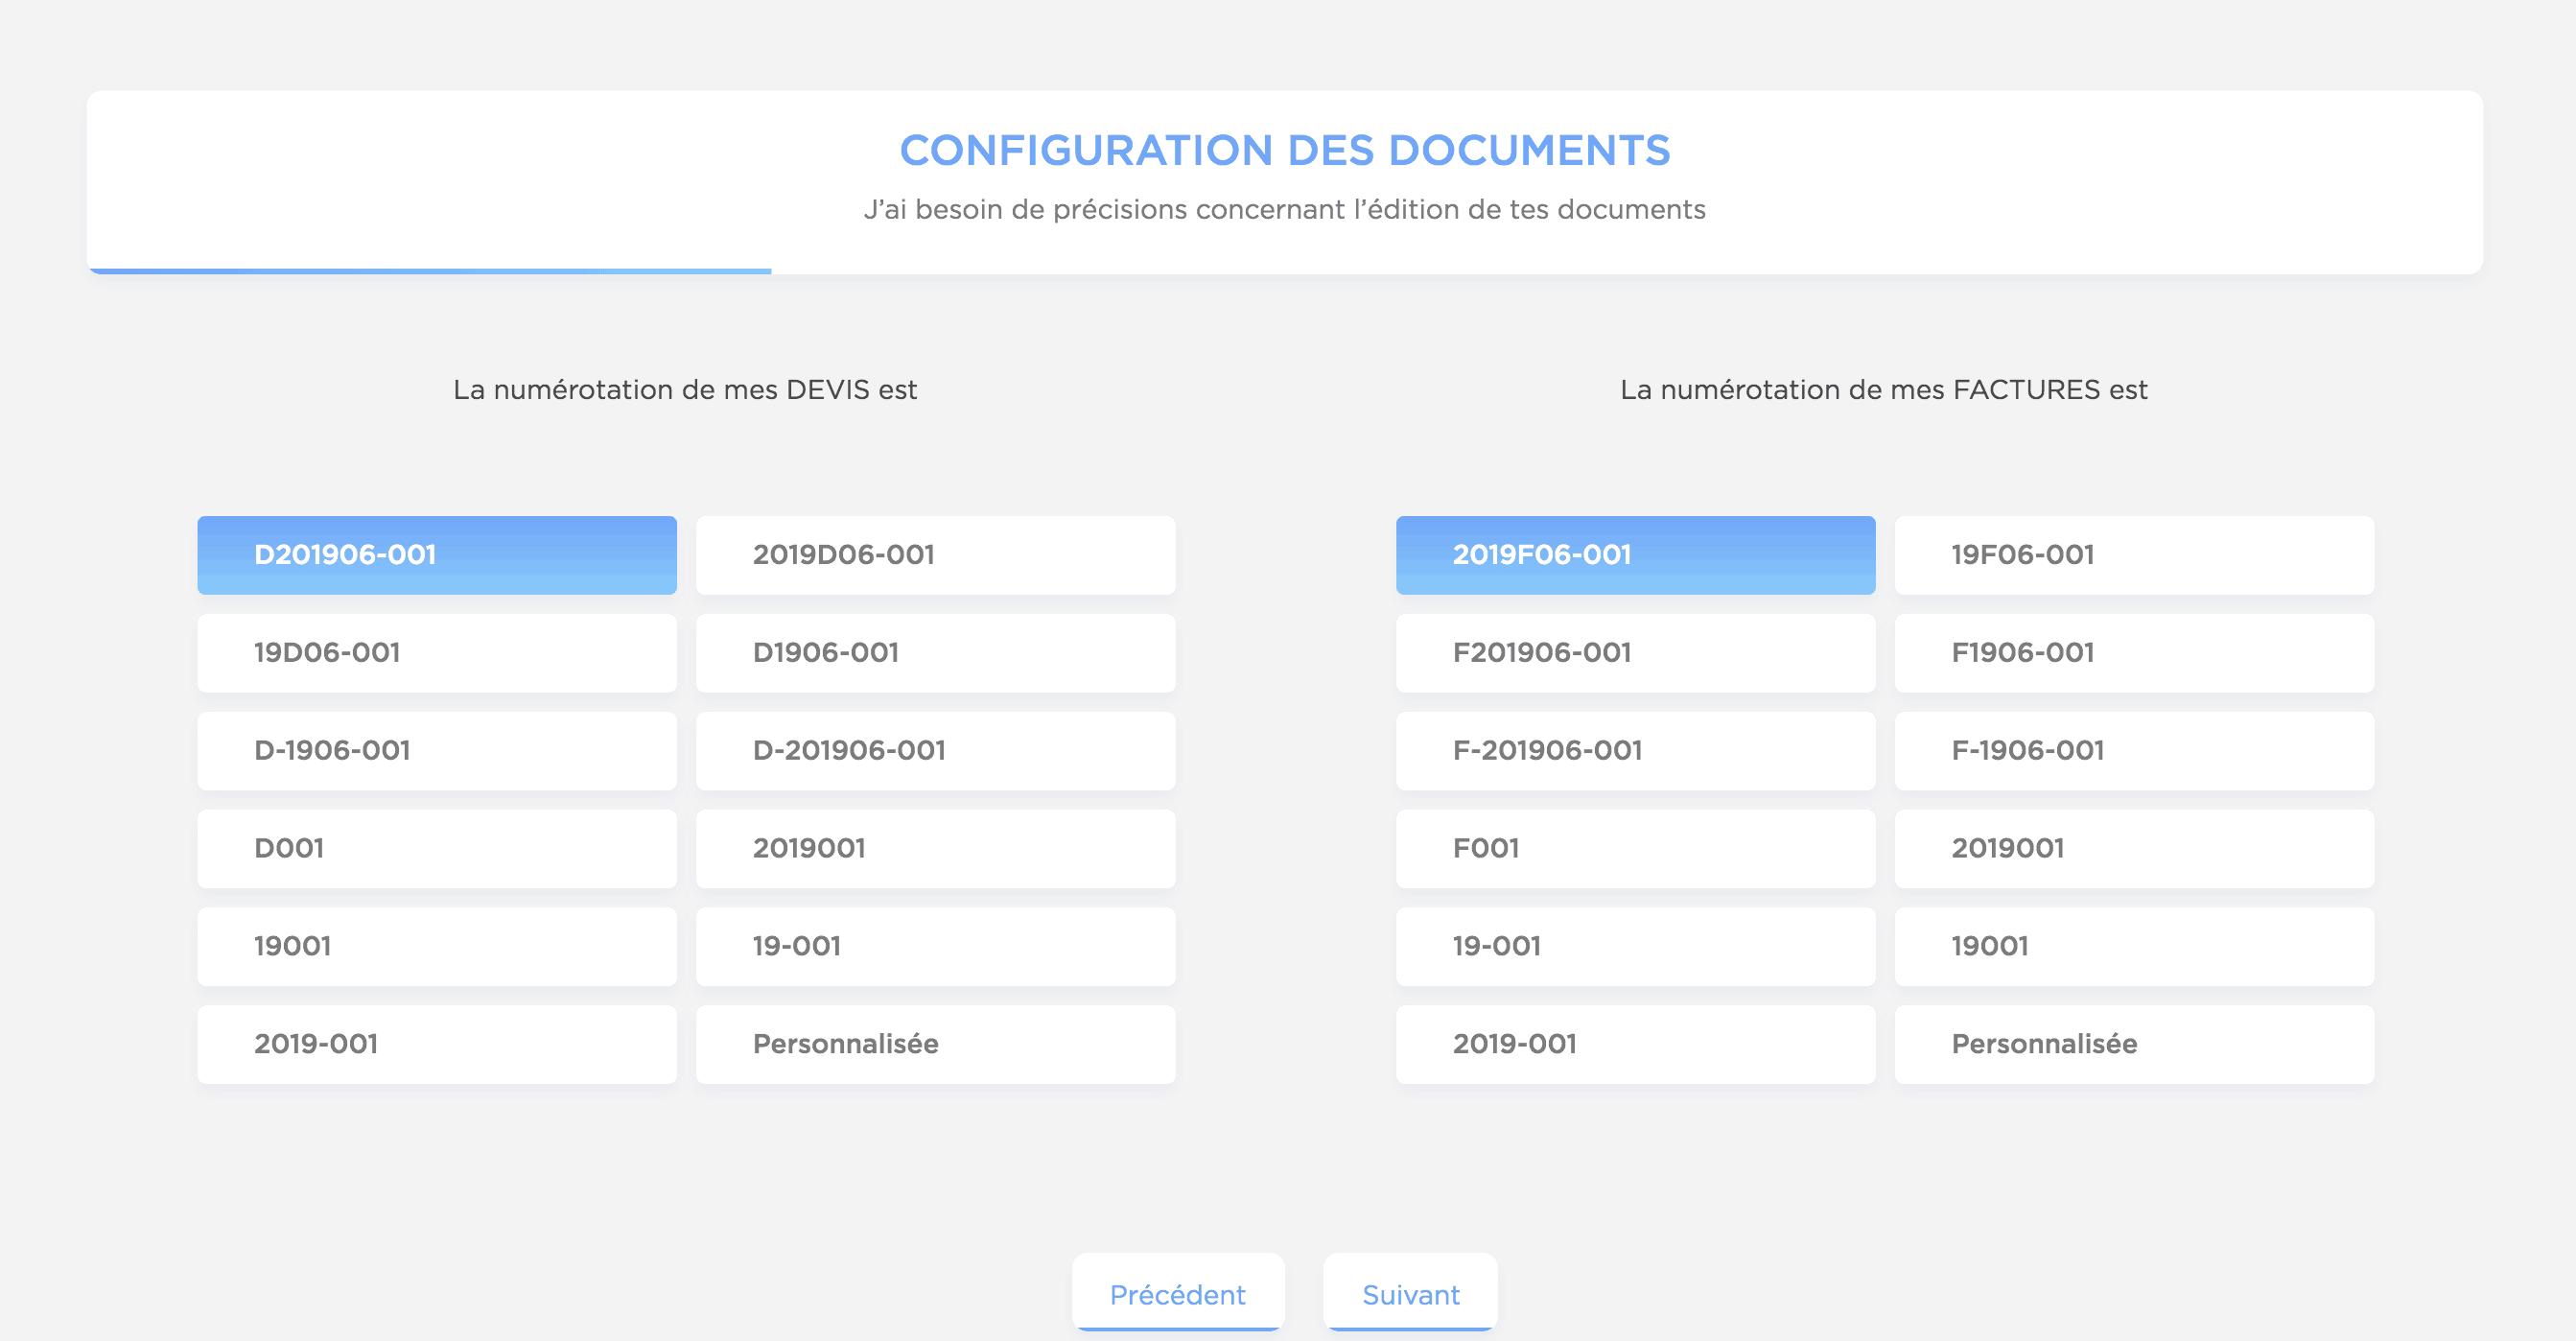 Freebe configuration numéros devis et factures